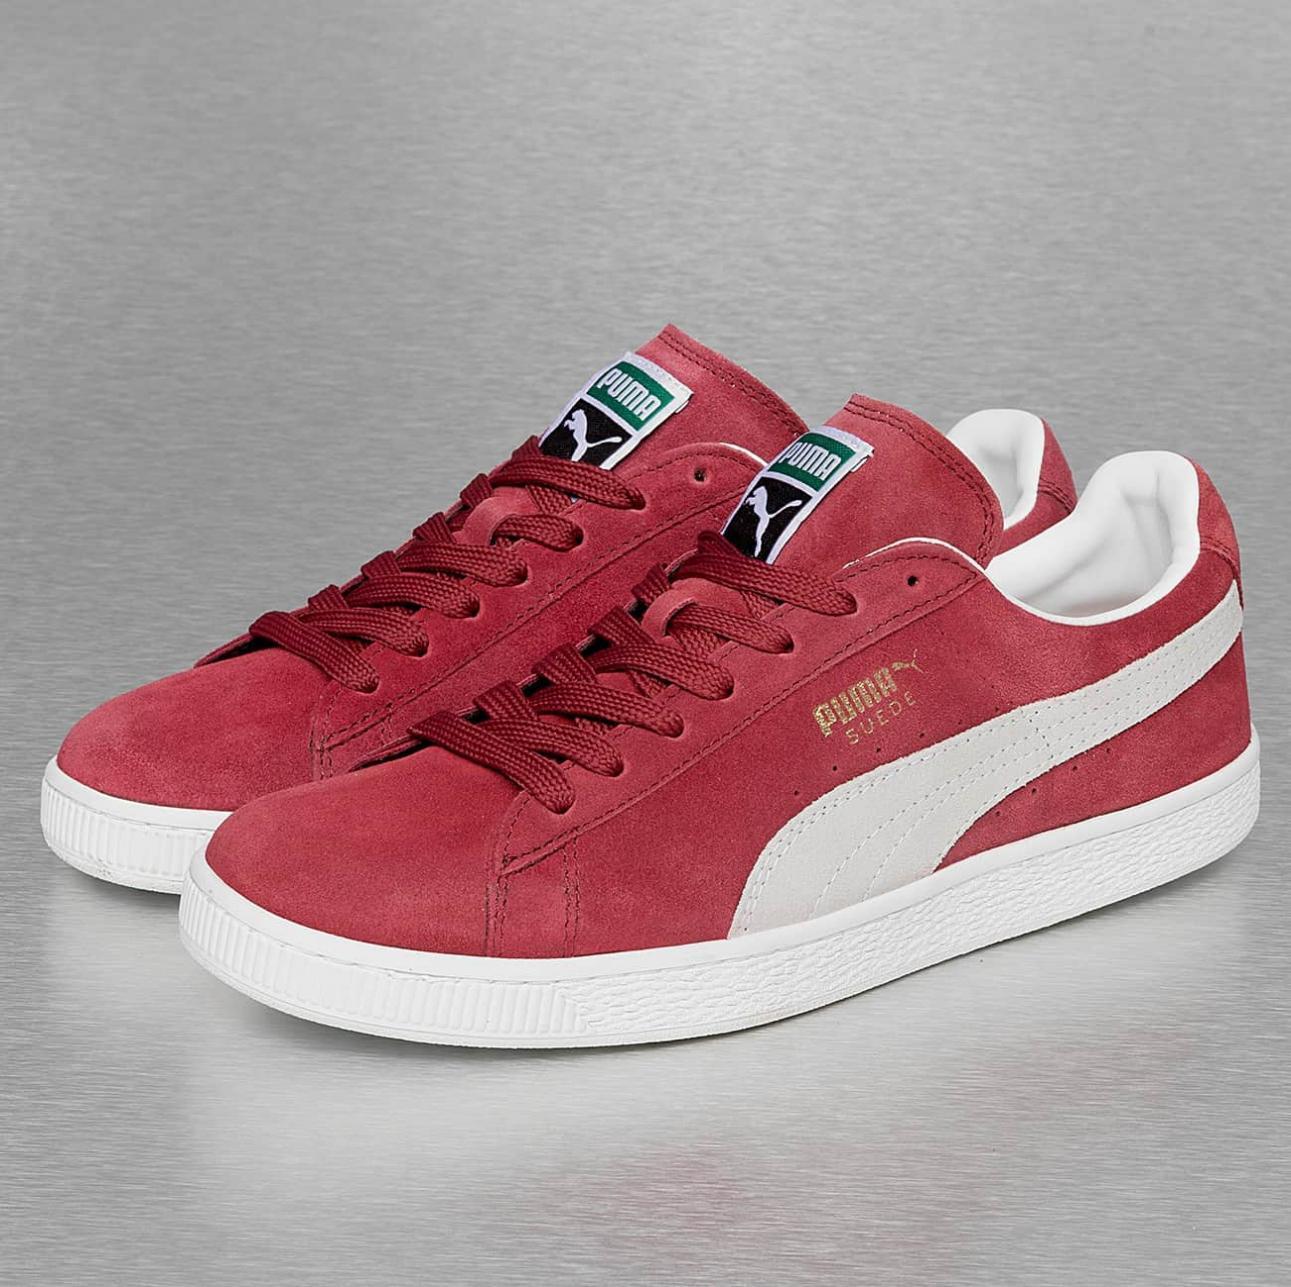 Sneakers Basses Mixte Puma Suede Classic+  - Rouge (du 38 au 48.5)